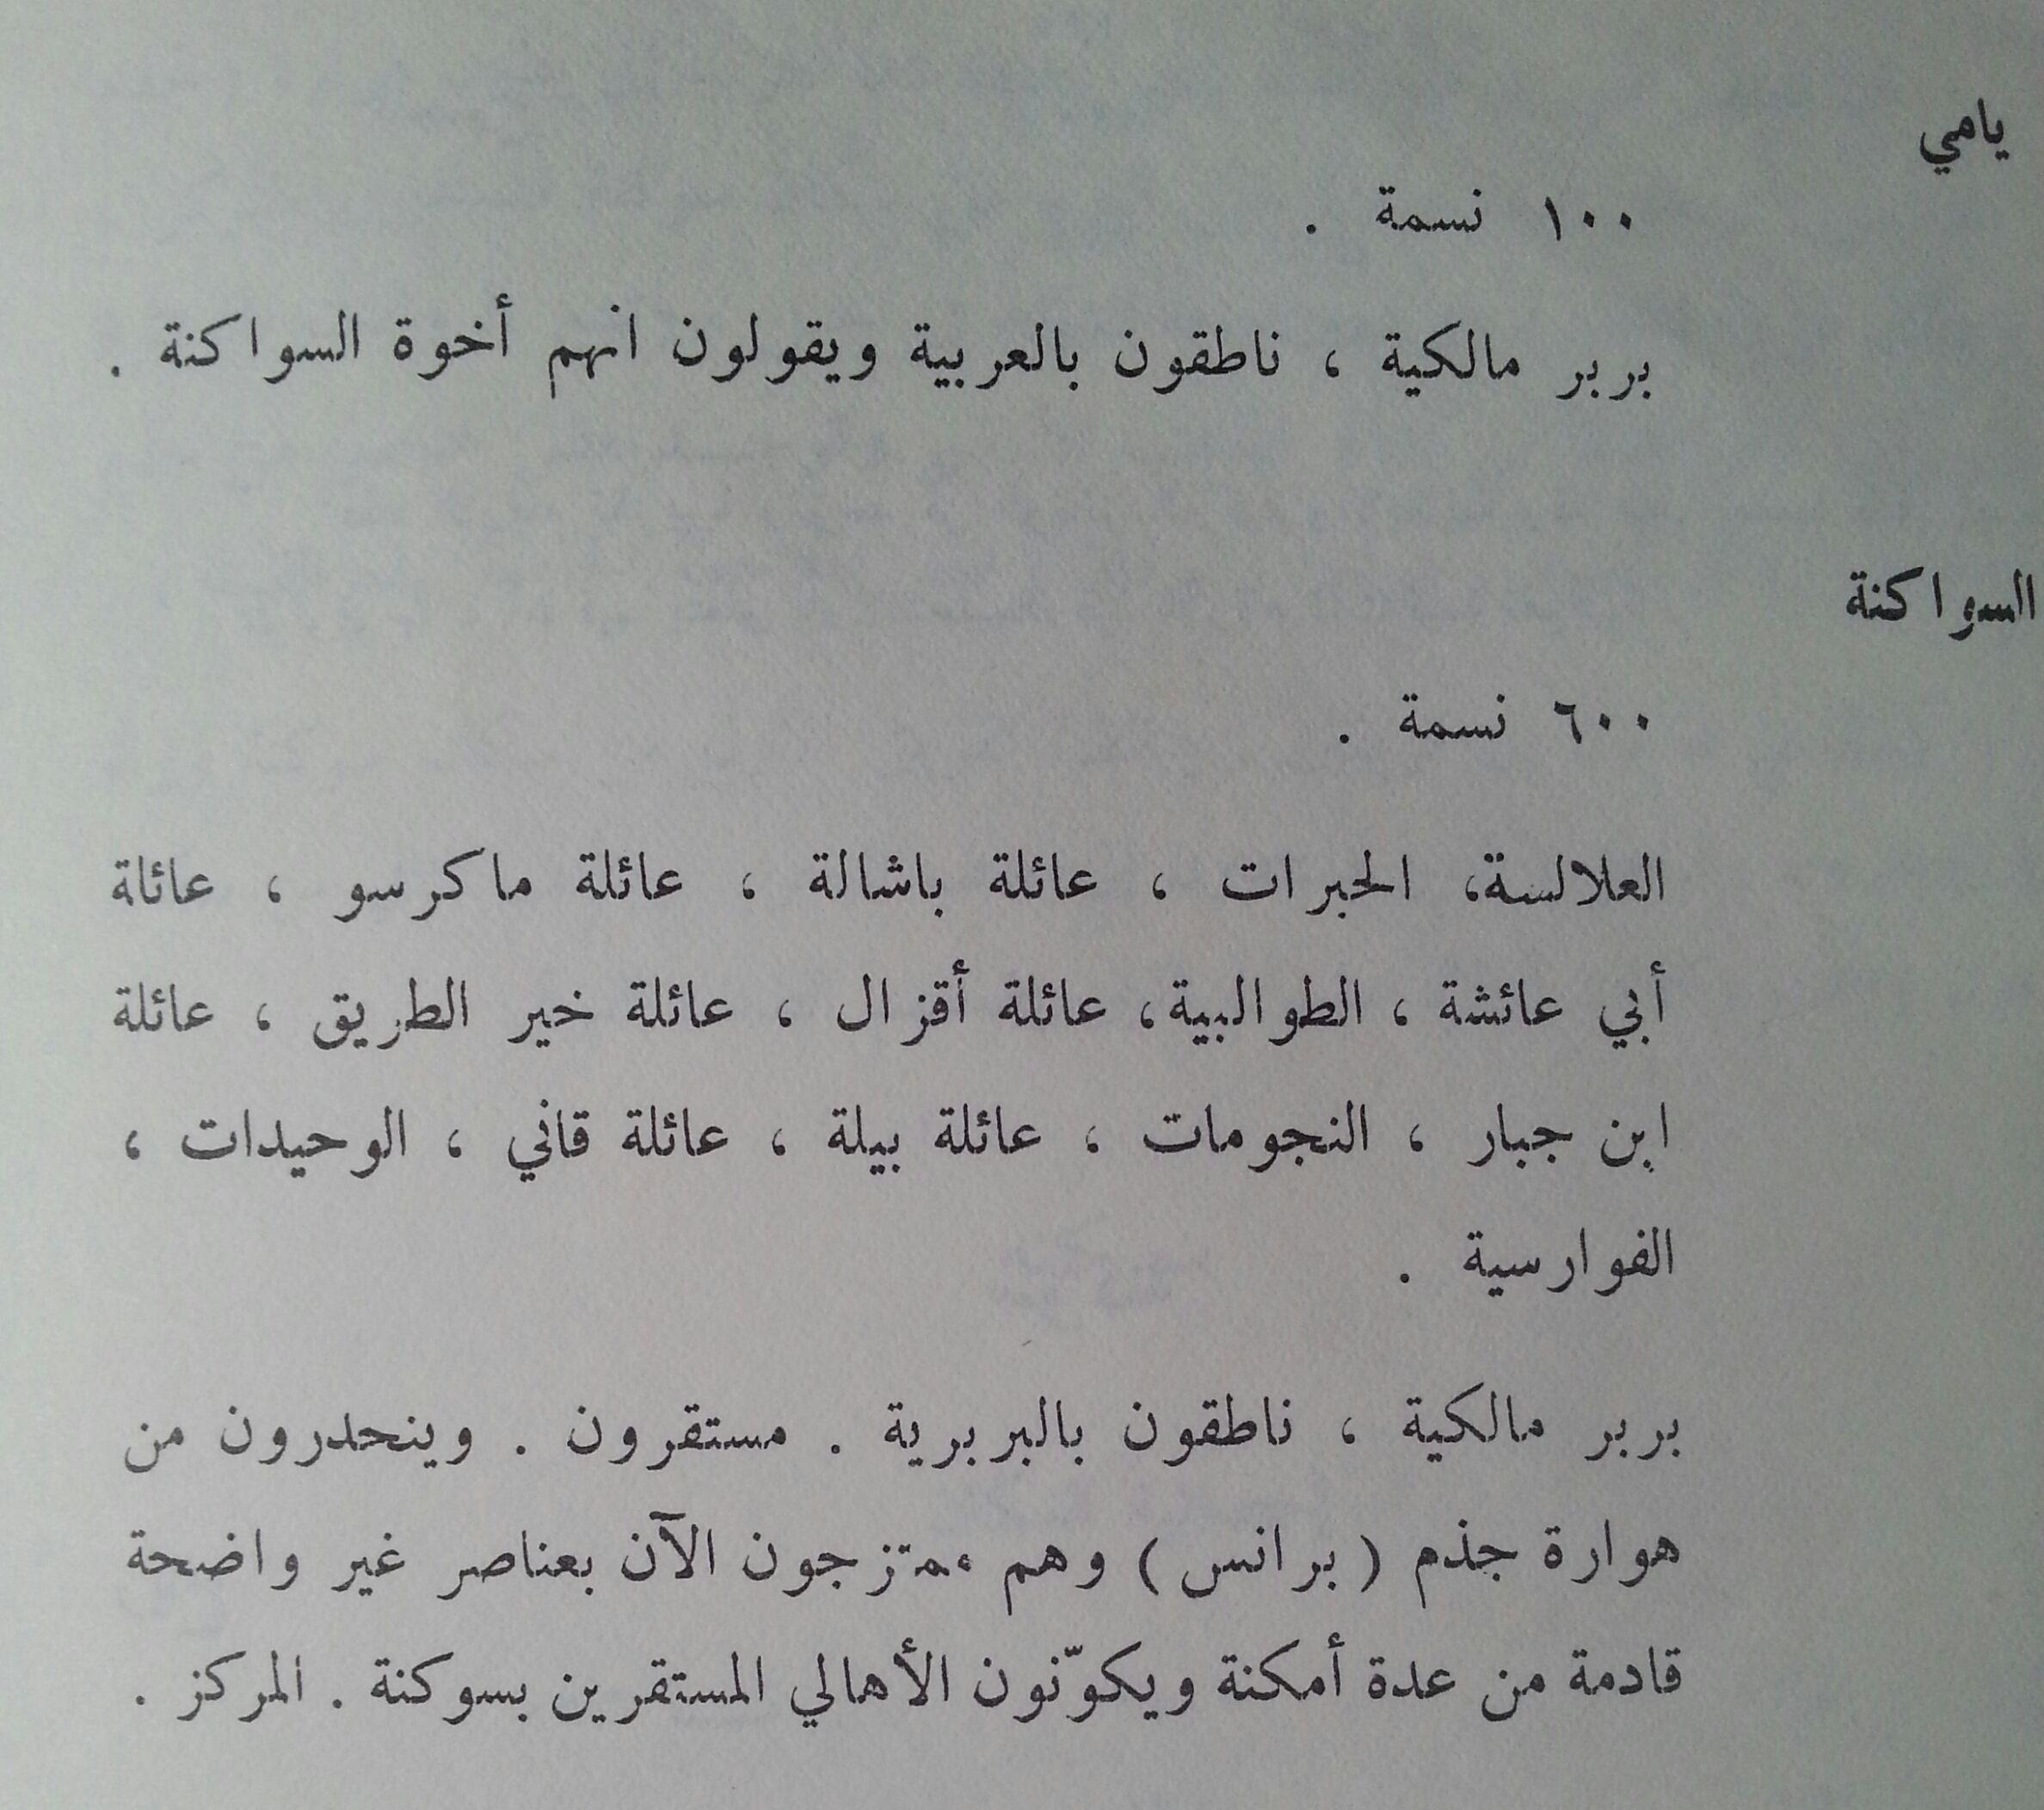 السواكنه ويامي، سكان ليبيا لهنريكو دي اغسطين